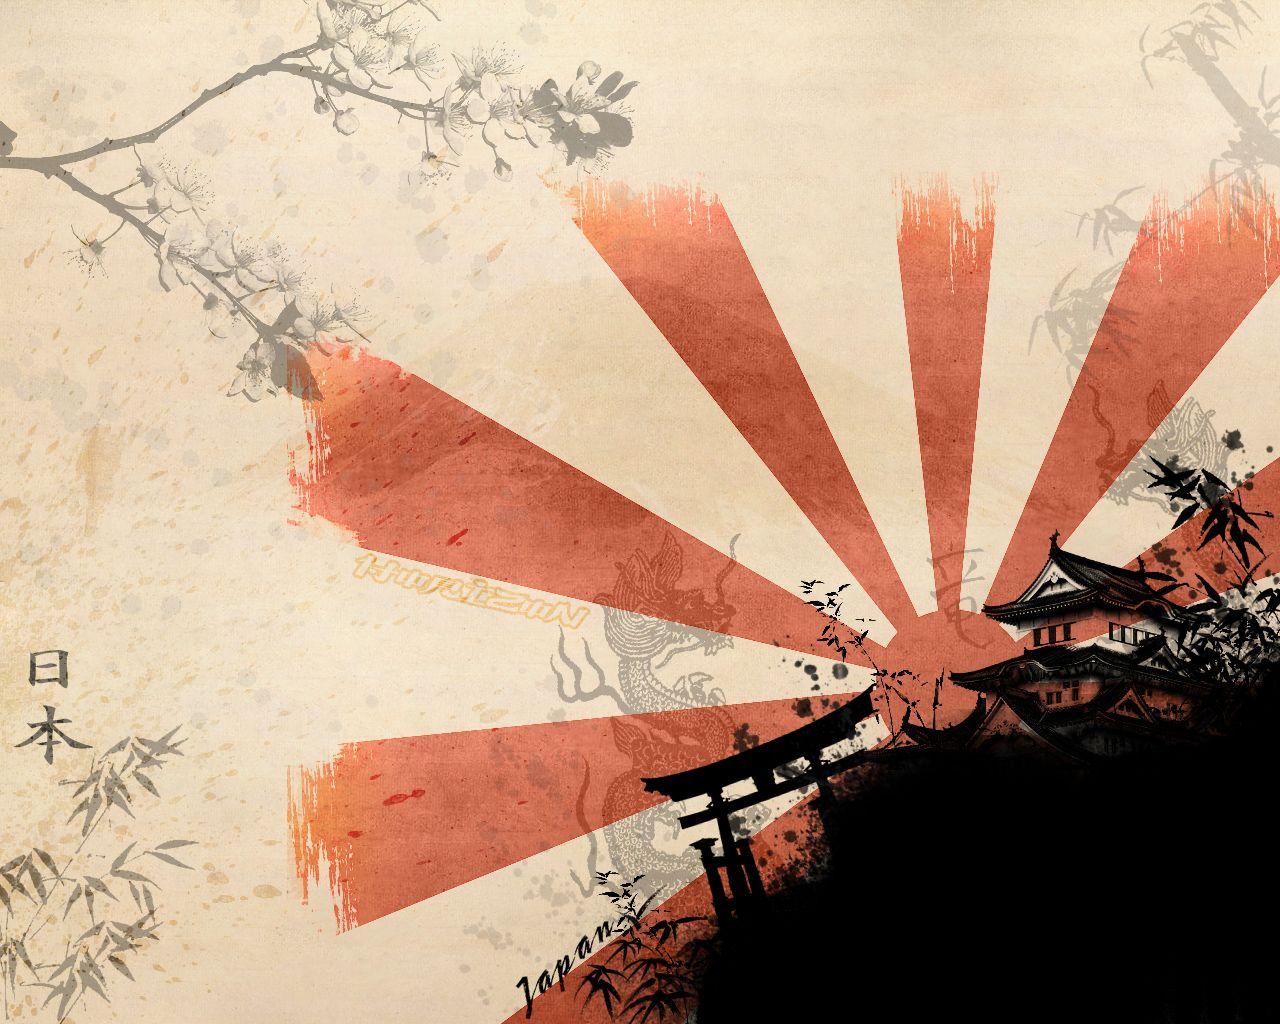 72 best japanese wallpapers images on pinterest | japanese art